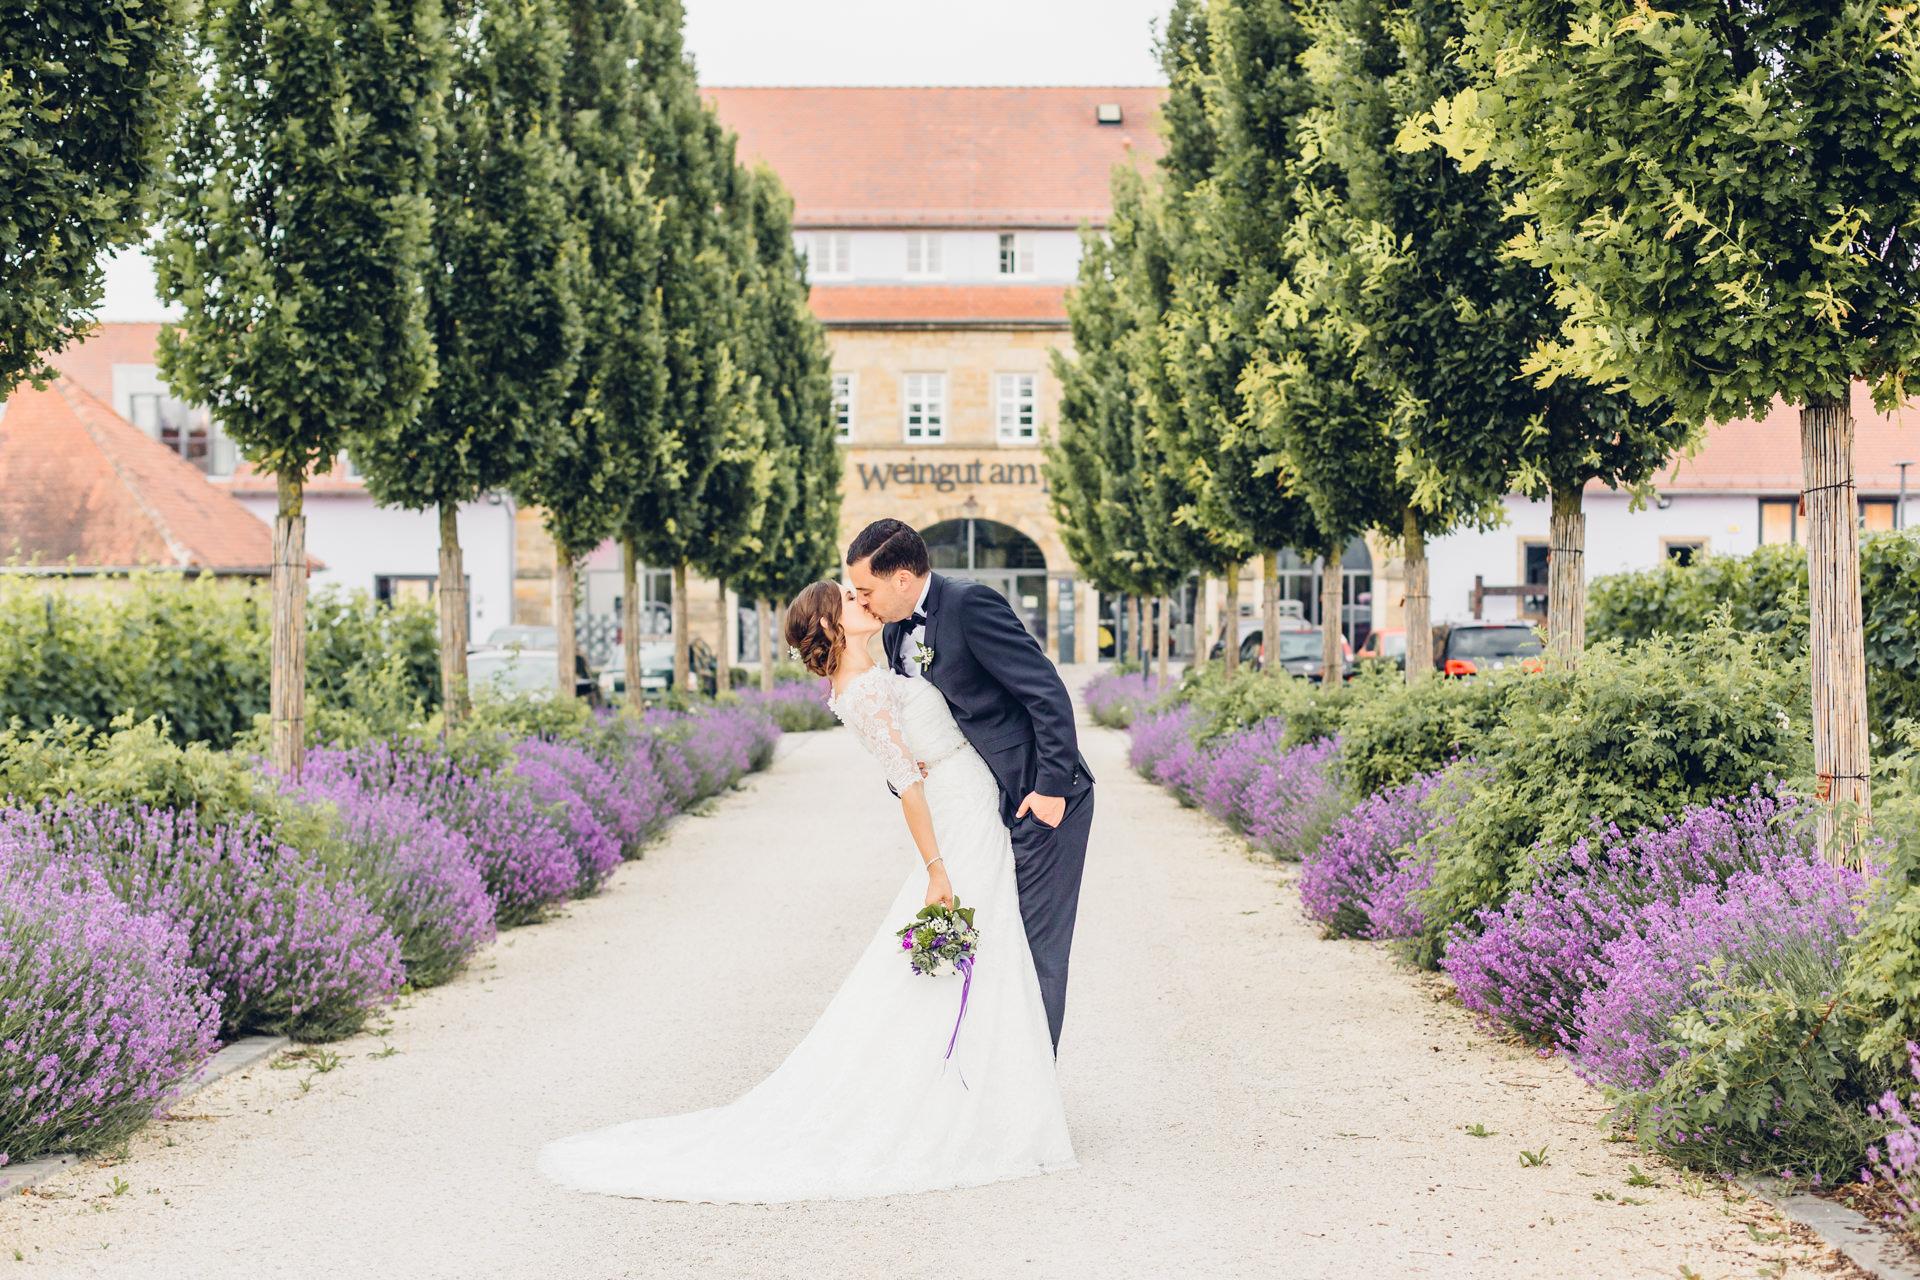 Heiraten im Weingut am Nil in Kallstadt